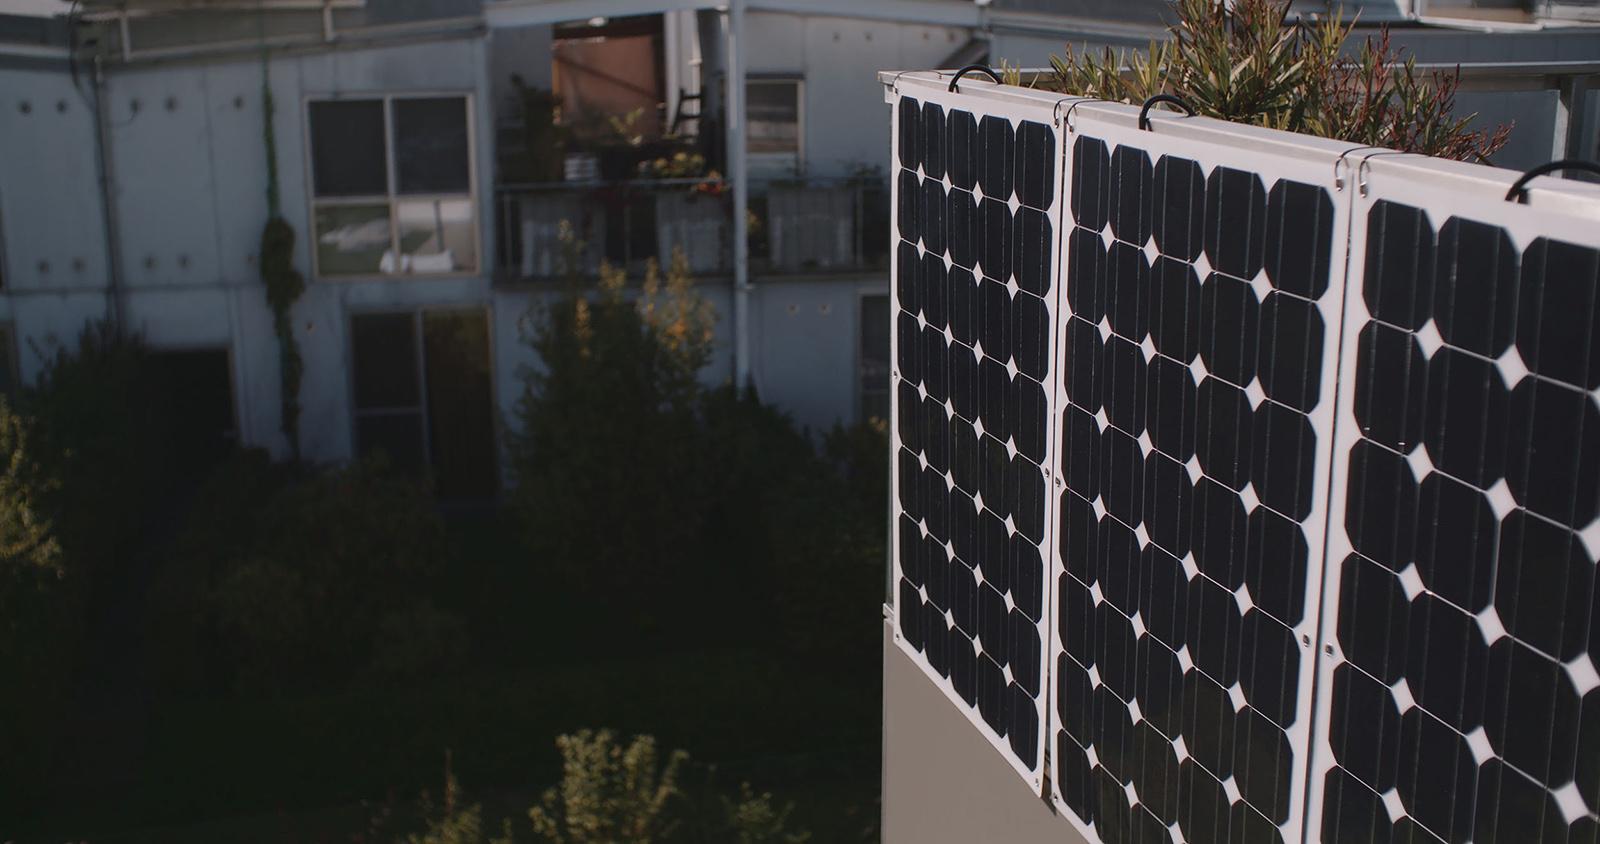 Solarzellen an einem Balkon in einer Siedlung